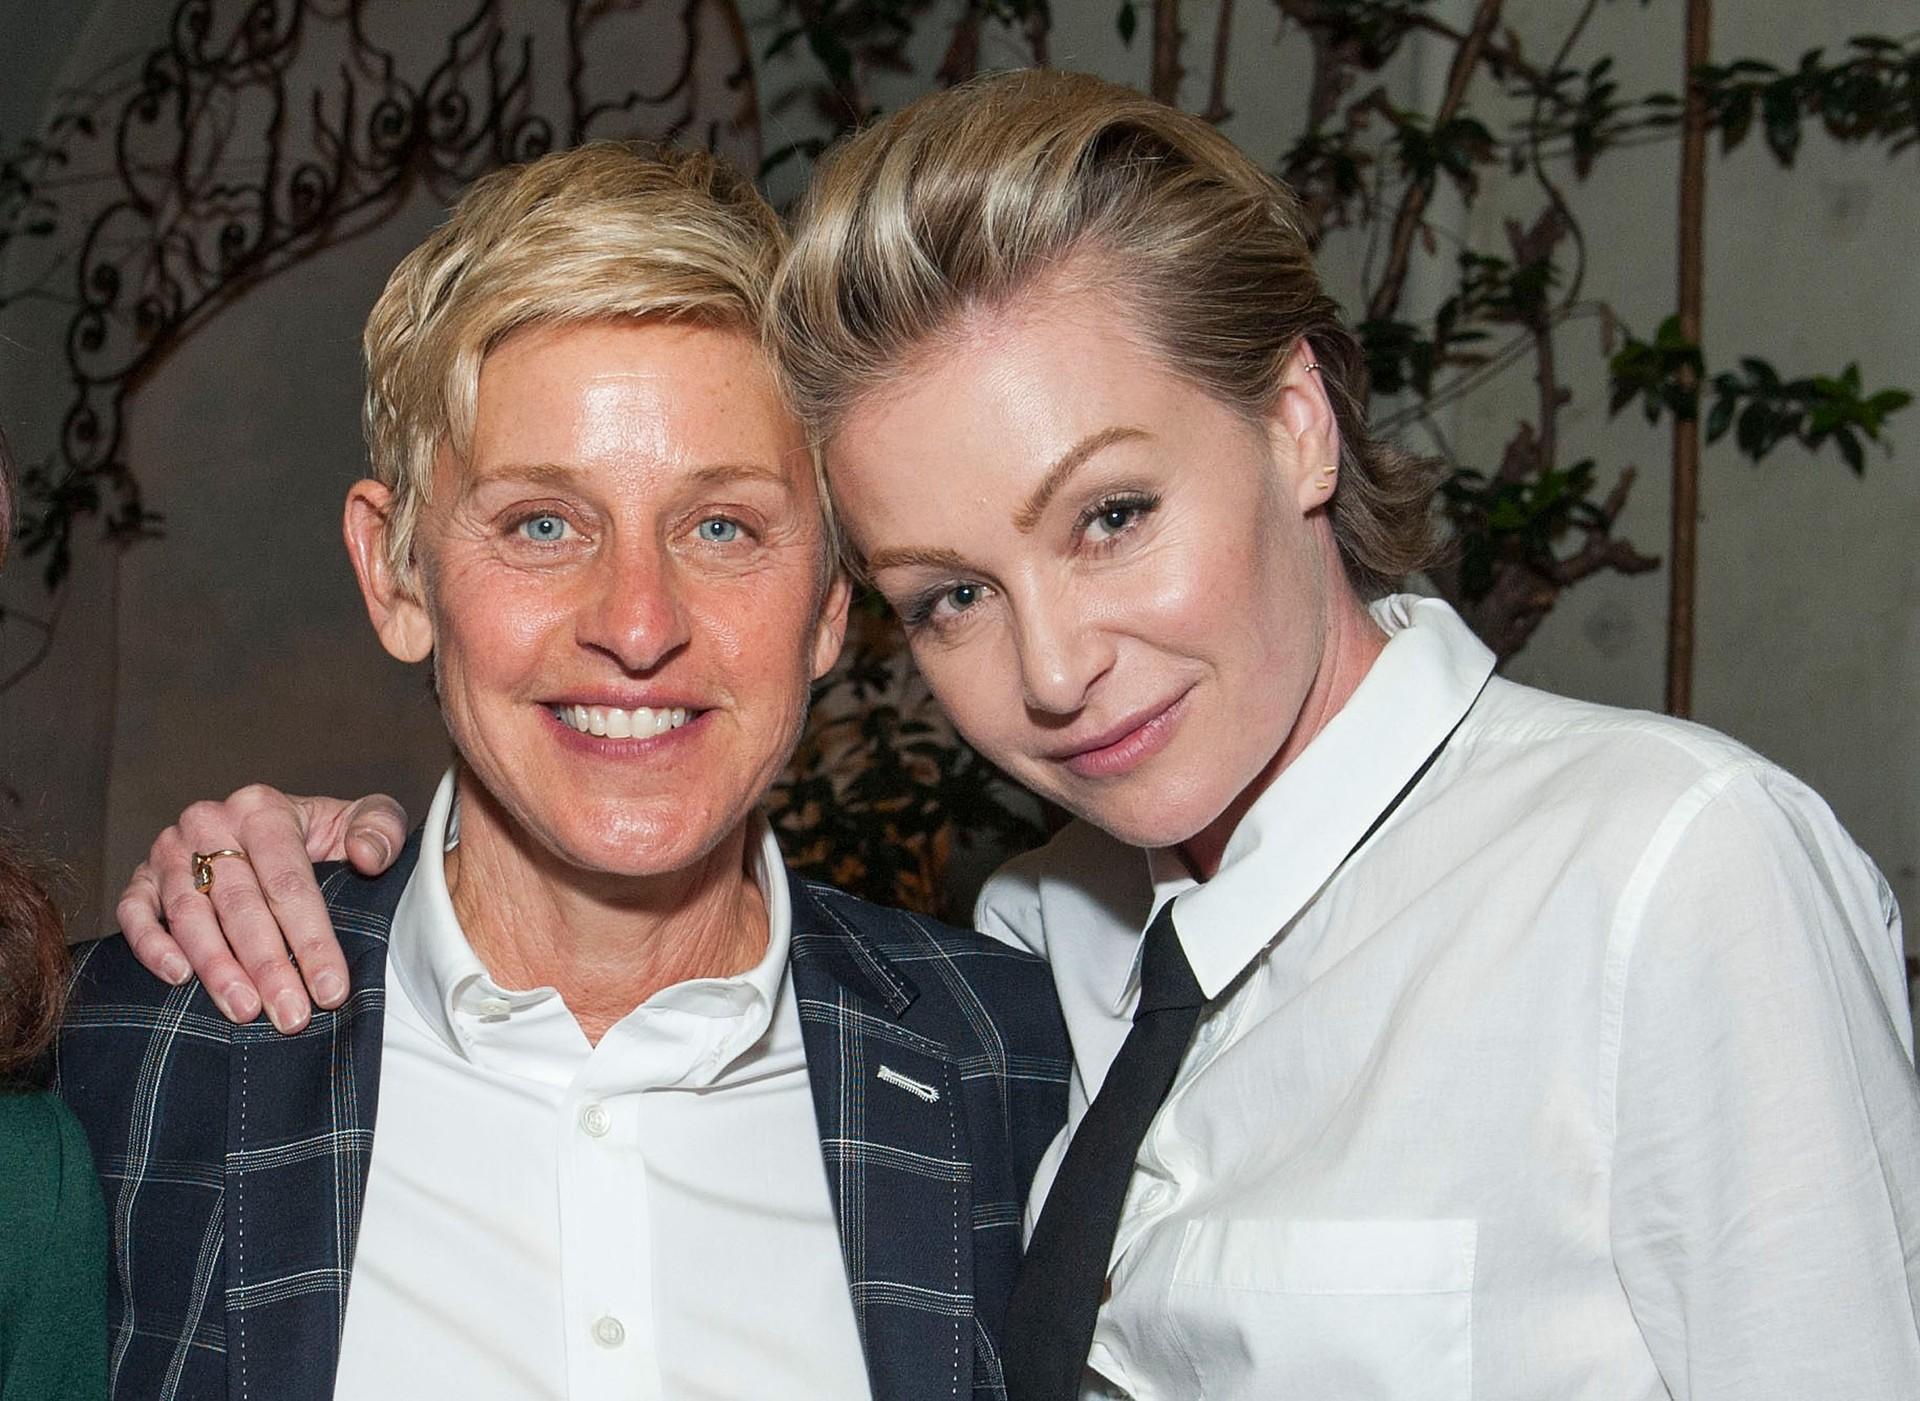 """Em 2013, a mulher da apresentora DeGeneres disse ao Us Weekly """"há certa pressão perto dos 30 e você pensa 'Vou ter filhos para não perder algo que outras pessoas parecem amar? Ou esse é um desejo genuíno do meu coração? Não senti que a resposta foi 'sim' para a última pergunta."""" Ellen, por sua vez, contou à publicação People que """"provavelmente seríamos boas mães, contudo é a vida de um ser humano e, ao menos que você tenha excelente habilidades, é grande a quantidade de trabalho, fora a responsabilidade – Não quero estragá-los."""" (Foto: Getty Images)"""